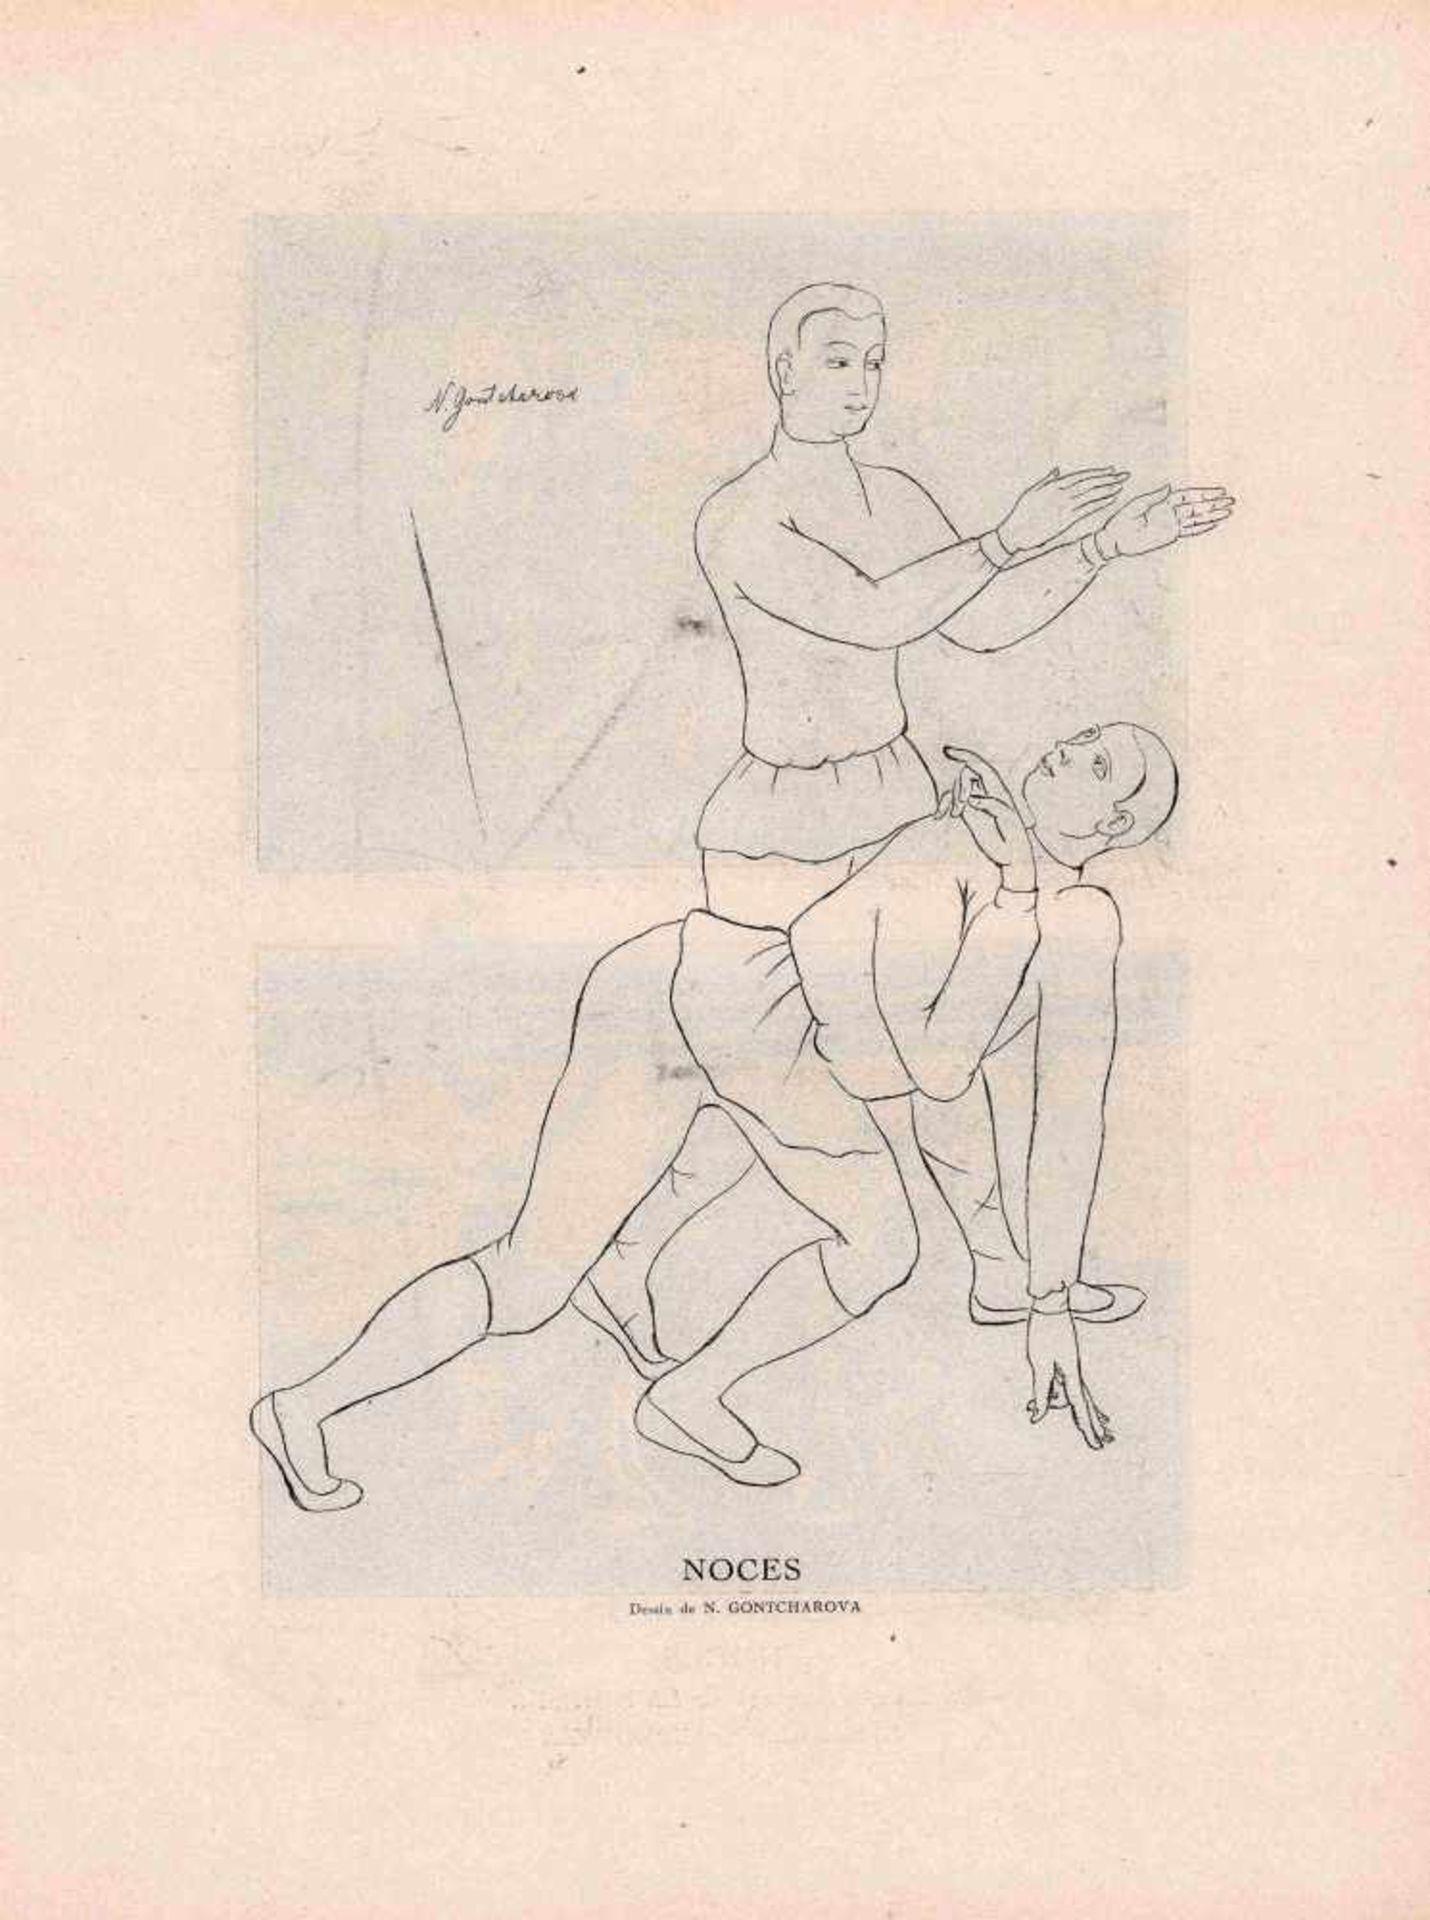 [BALLETS RUSSES, GONTSCHAROWA, LARIONOW, PICASSO, DIAGHILEW] Ballets Russes im Théâtre Lyrique - Bild 2 aus 2